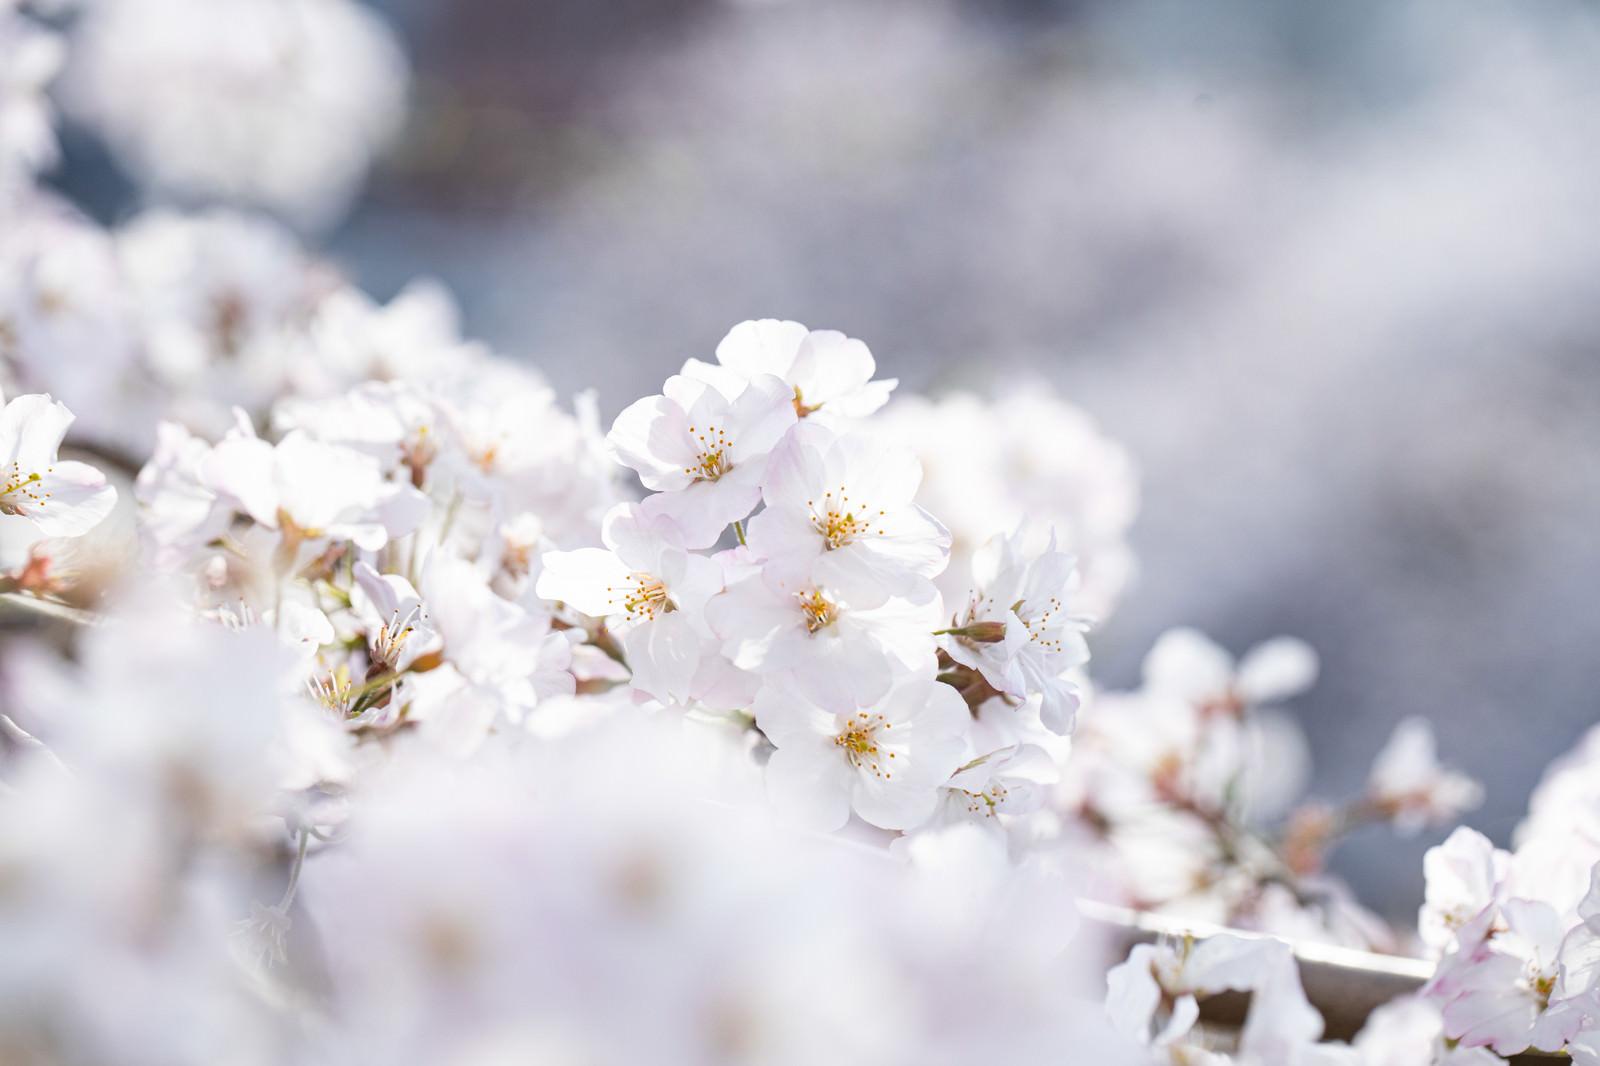 「春の訪れ、桜咲く」の写真